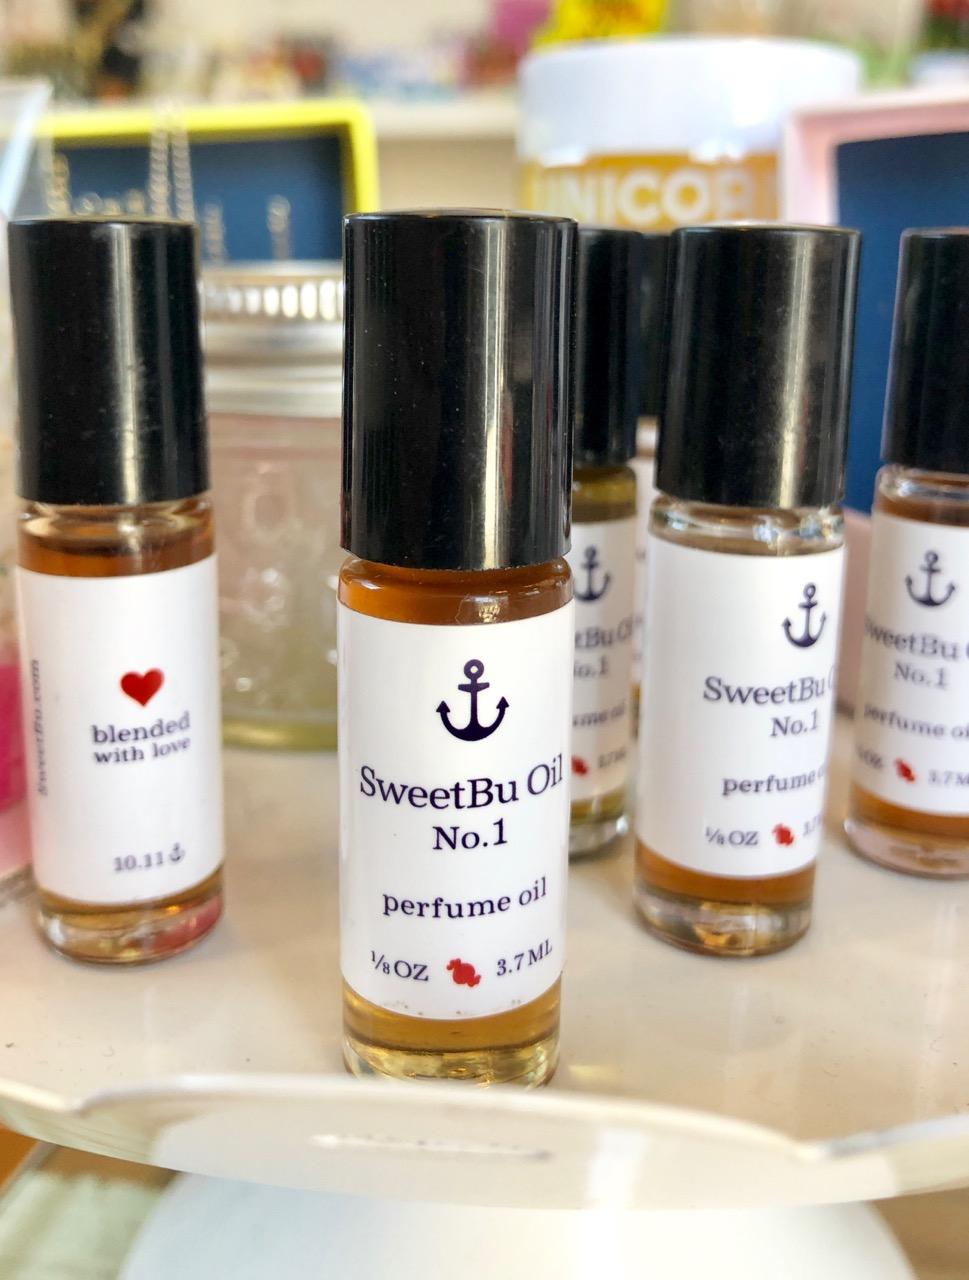 sweet bu candy and gift shop in malibu perfume oil